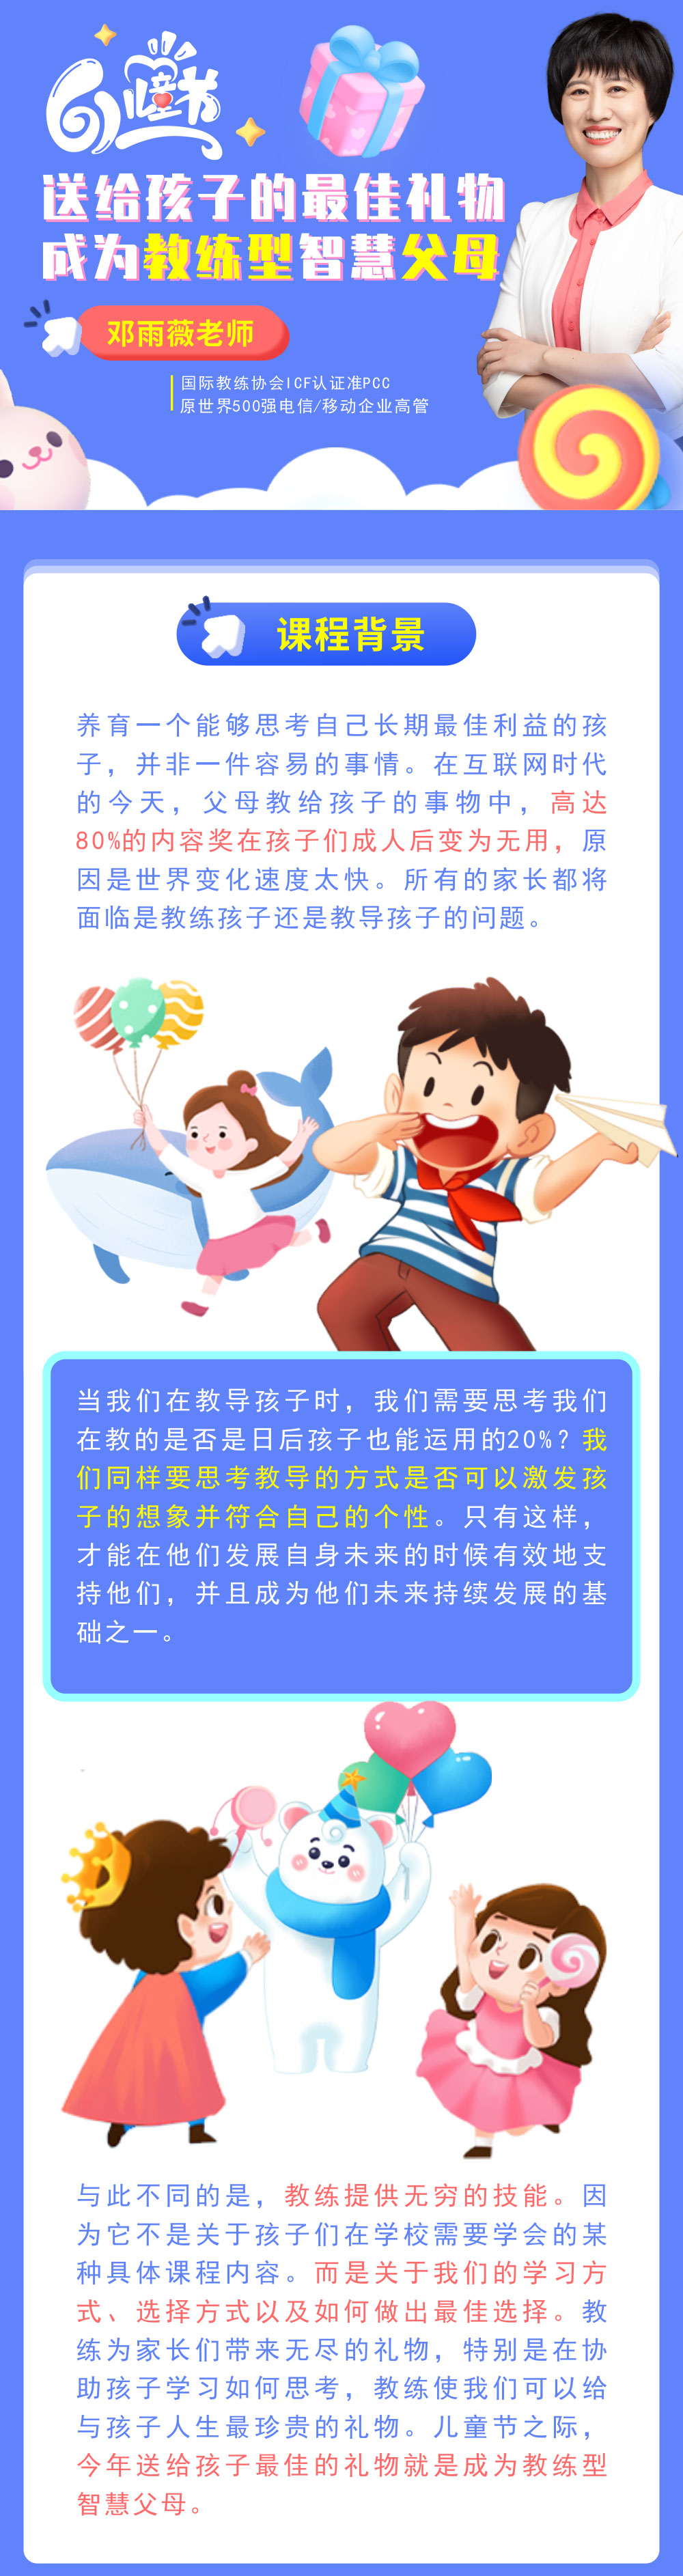 24f6f439a5fedeaf63ab94b60438c214 - 儿童节送给孩子的最佳礼物——成为教练型智慧父母